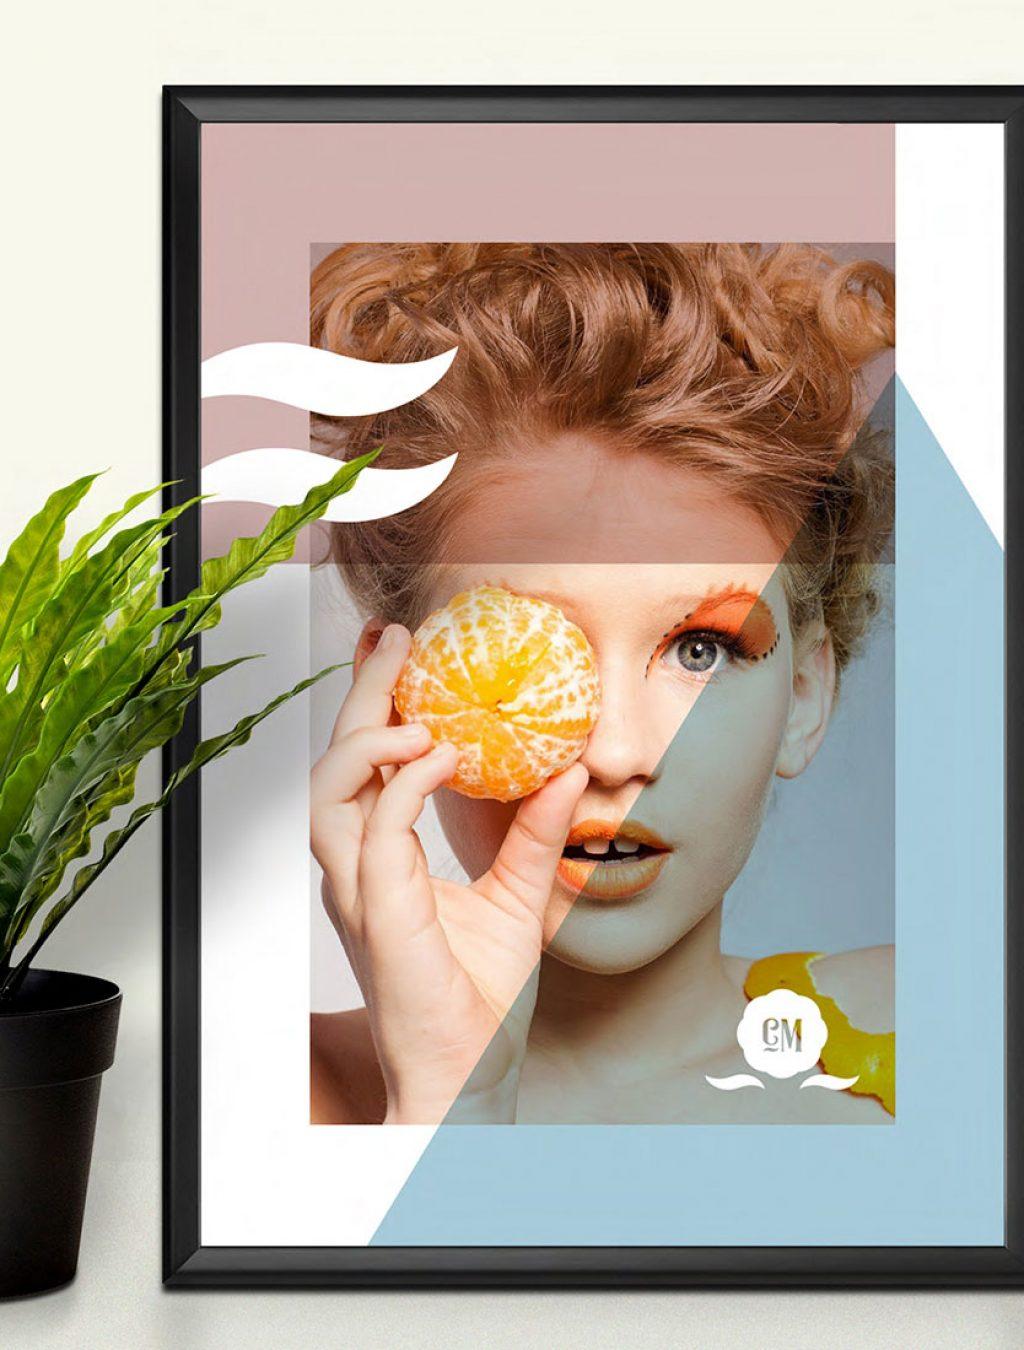 agencia-publicidad-pennyworth-marketing-digital-branding-centro-belleza-valencia-04